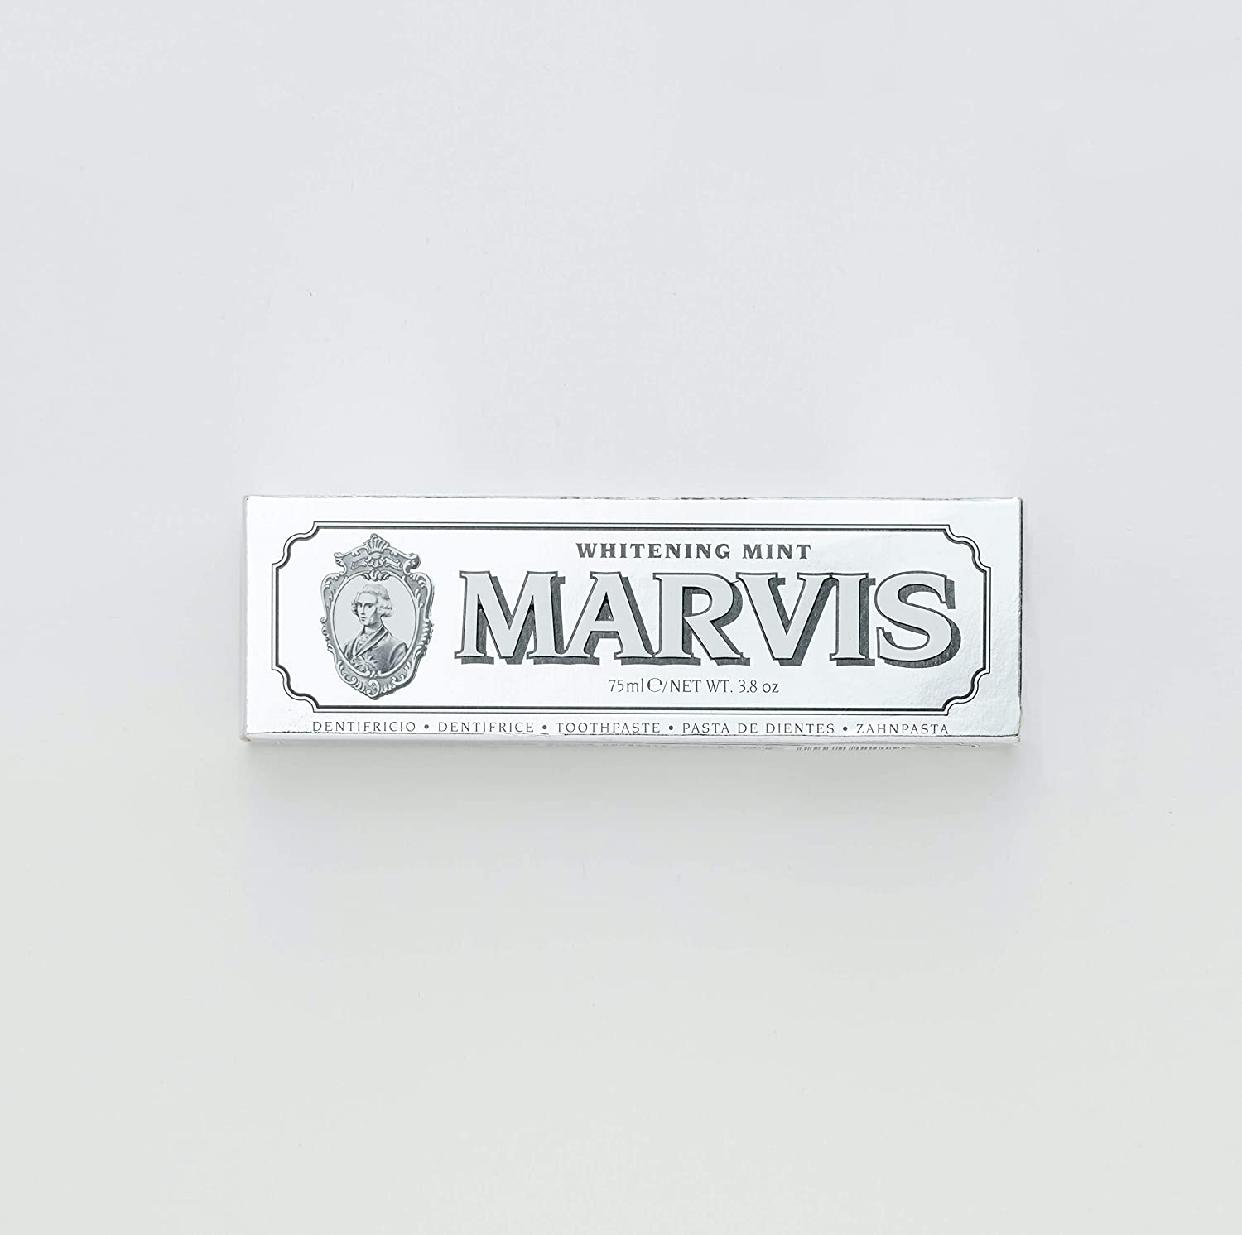 MARVIS(マービス)ホワイト・ミントの商品画像7